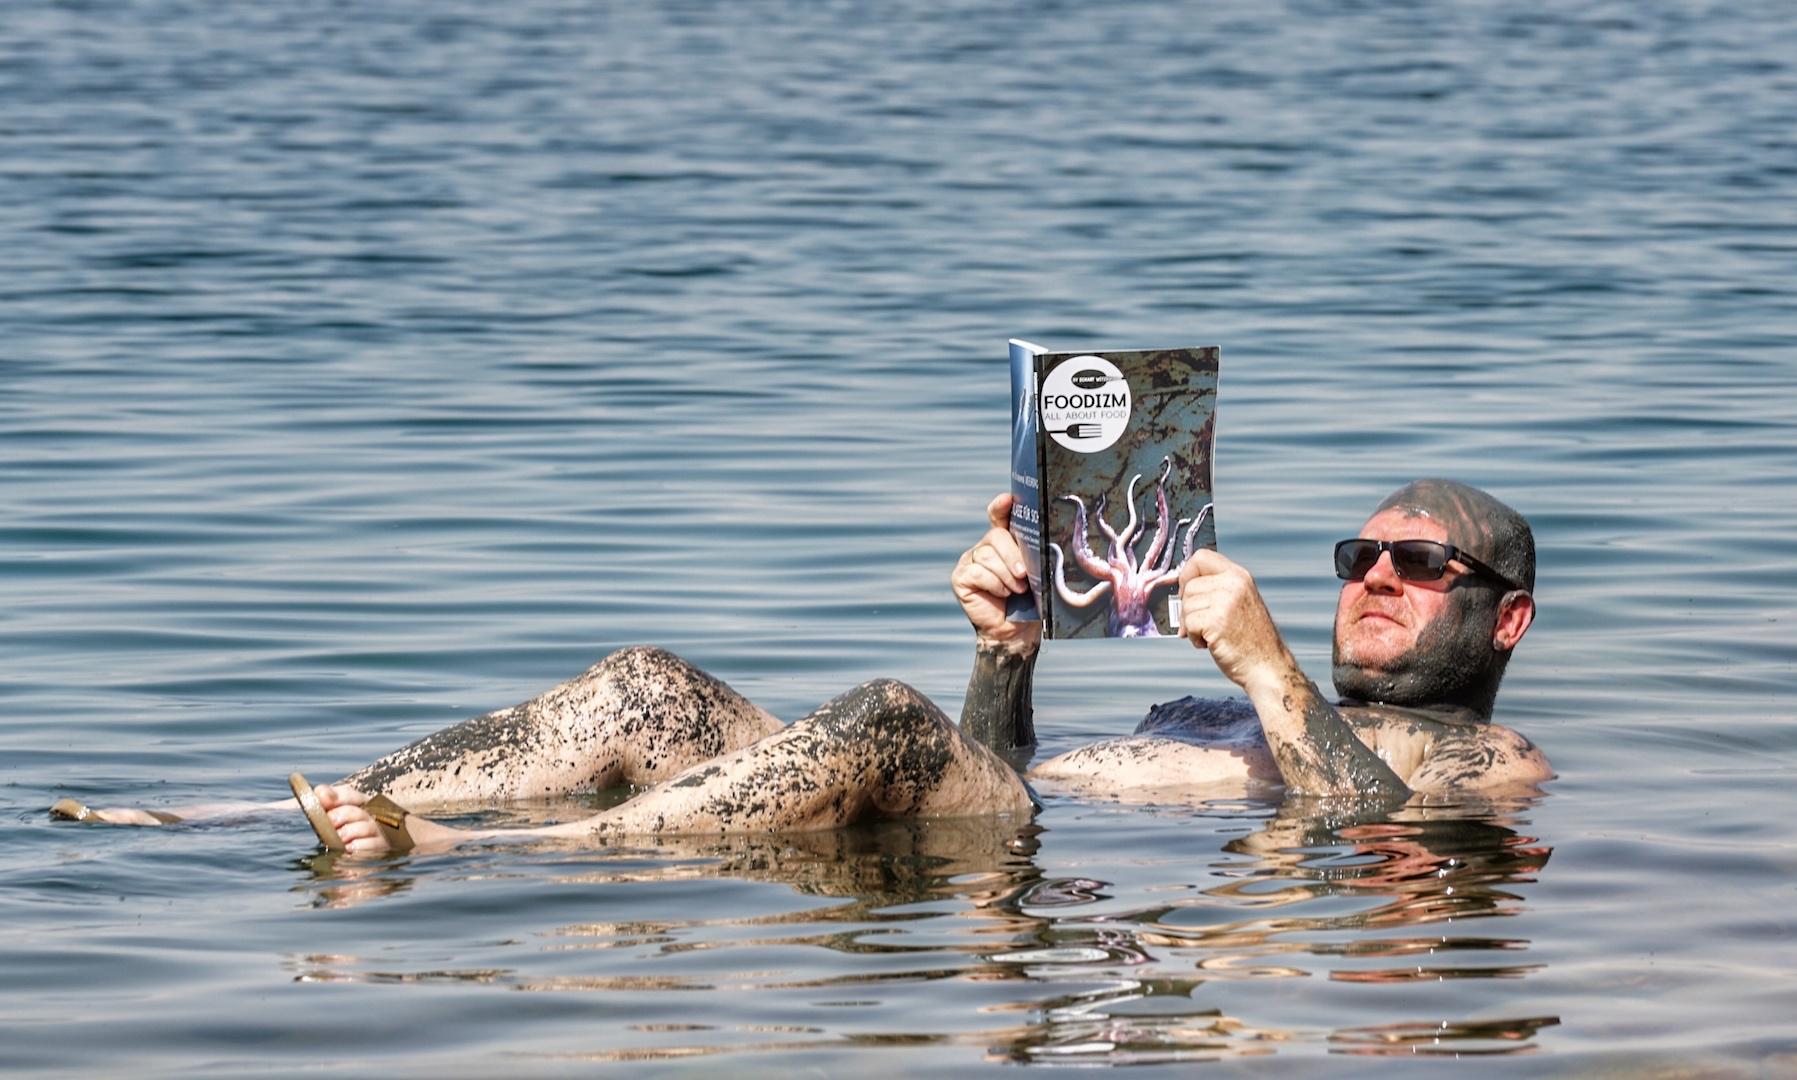 Mit einer Schlammpackung versorgt, treibt man auf dem Toten Meer